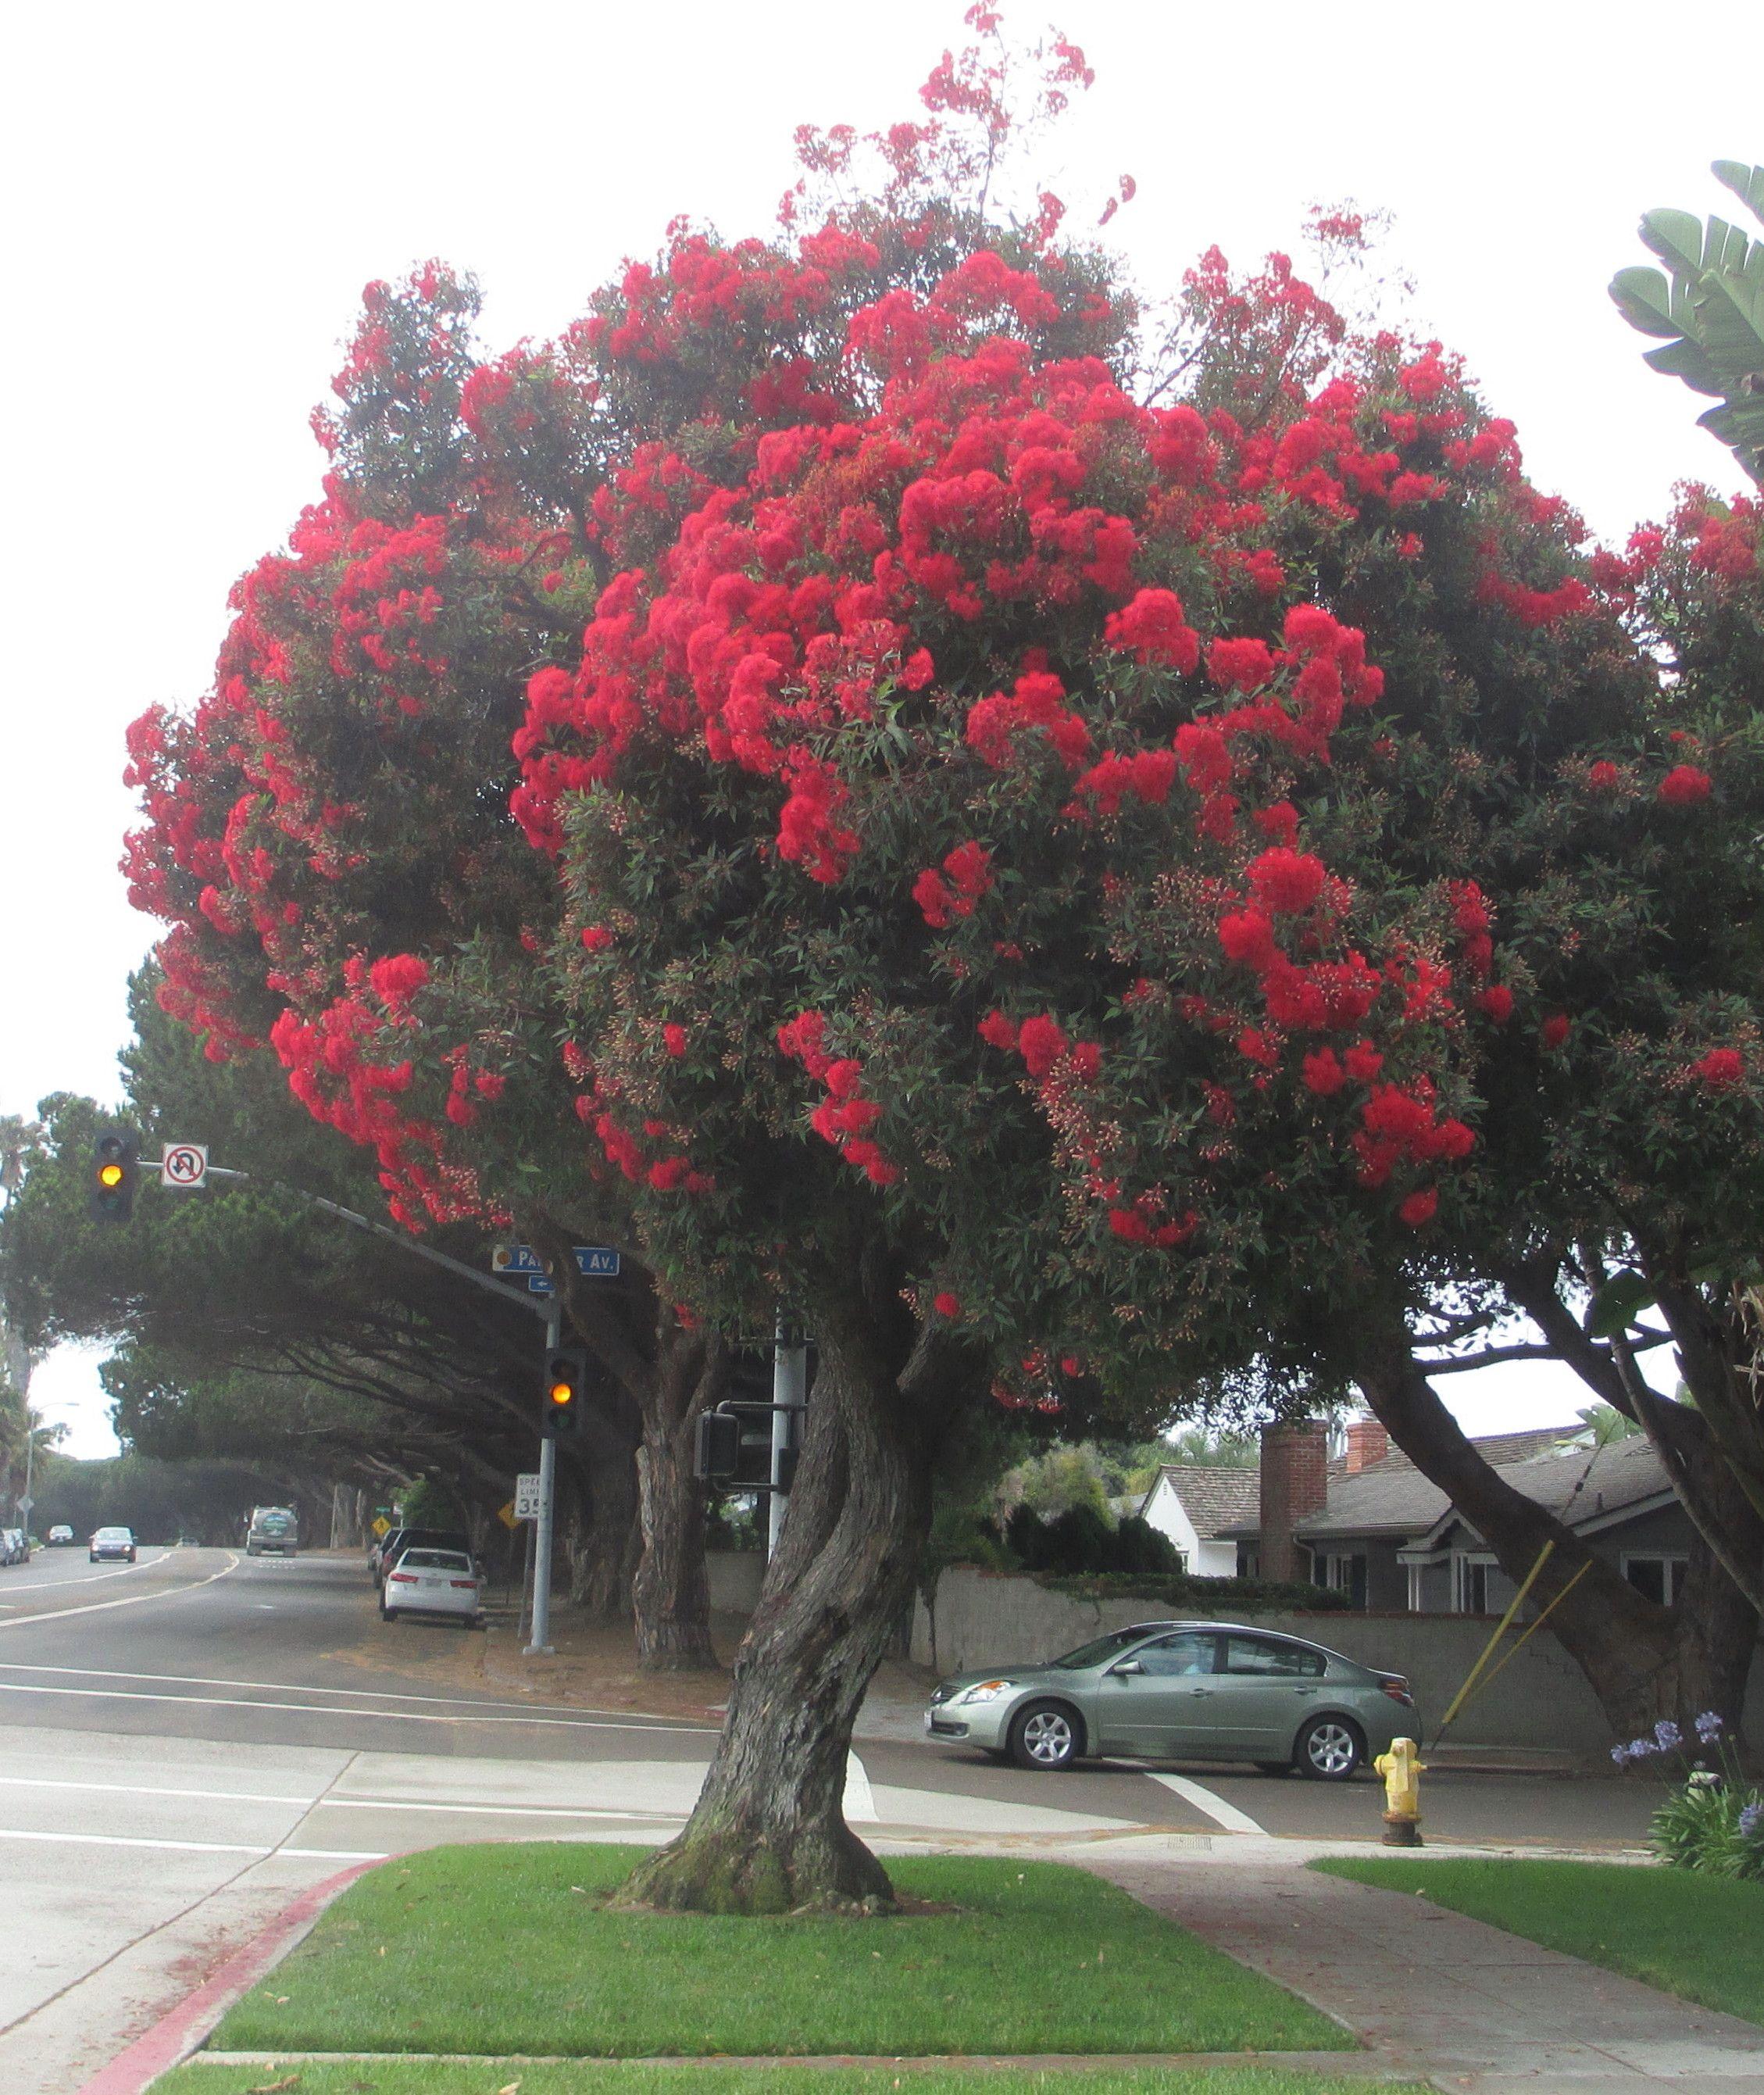 Arbre fleurs rouges art bretelle pinterest arbre feuillu feuillus et fleurs rouges - Arbres a fleurs rouges ...